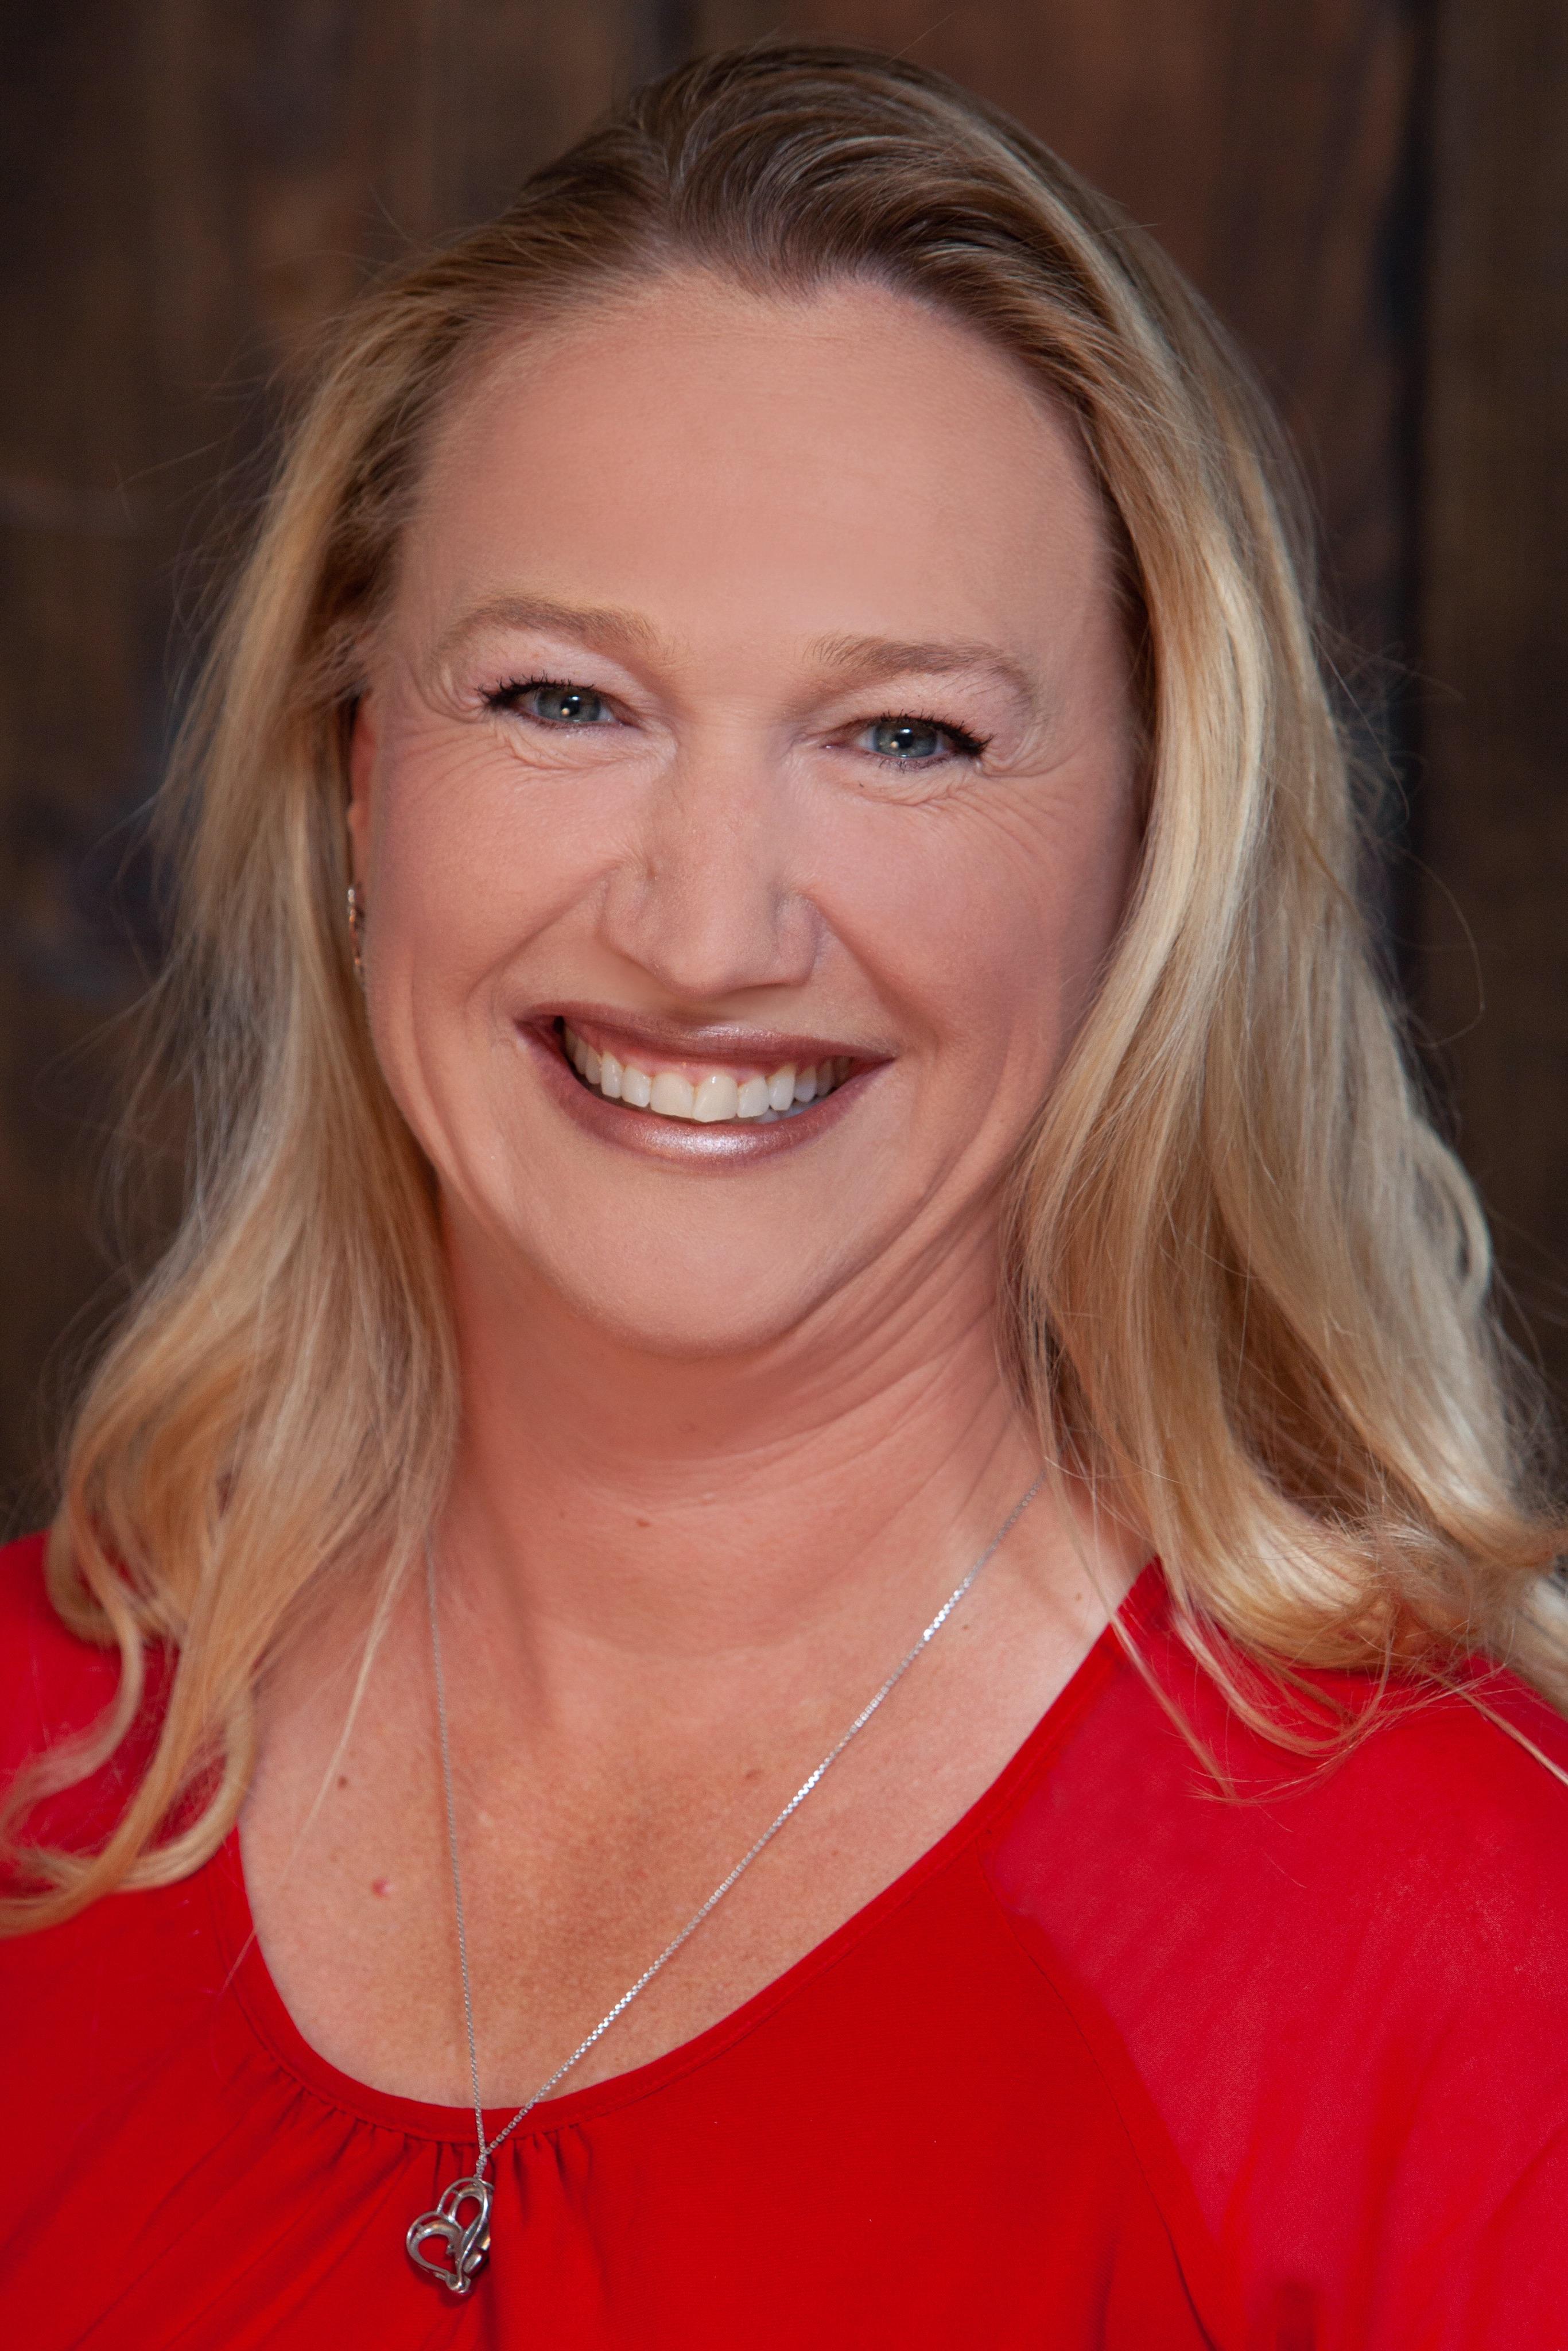 Becky Gideon